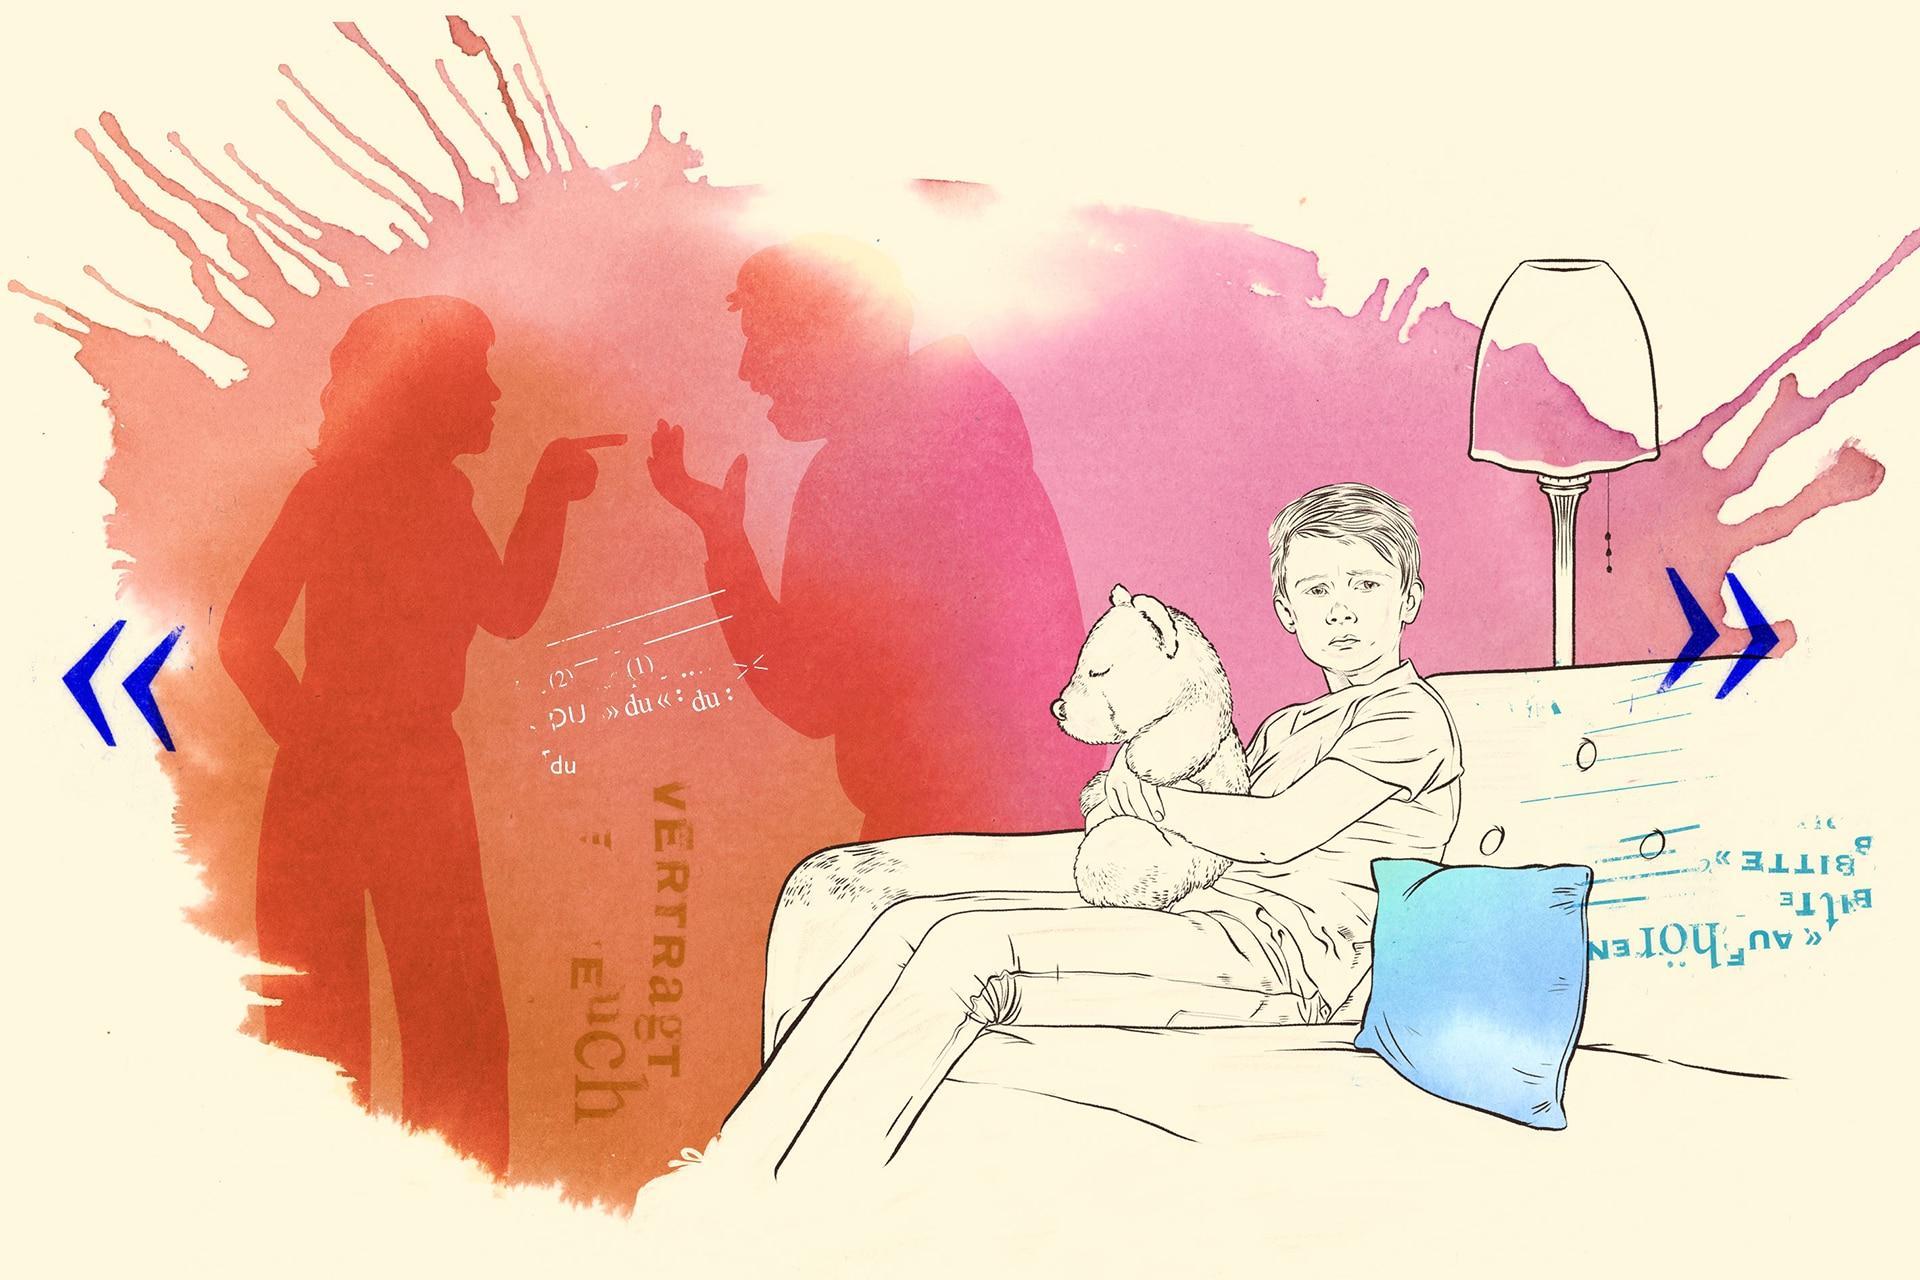 Illustration: Betreuungen für Kinder und Jugendliche in Krisen